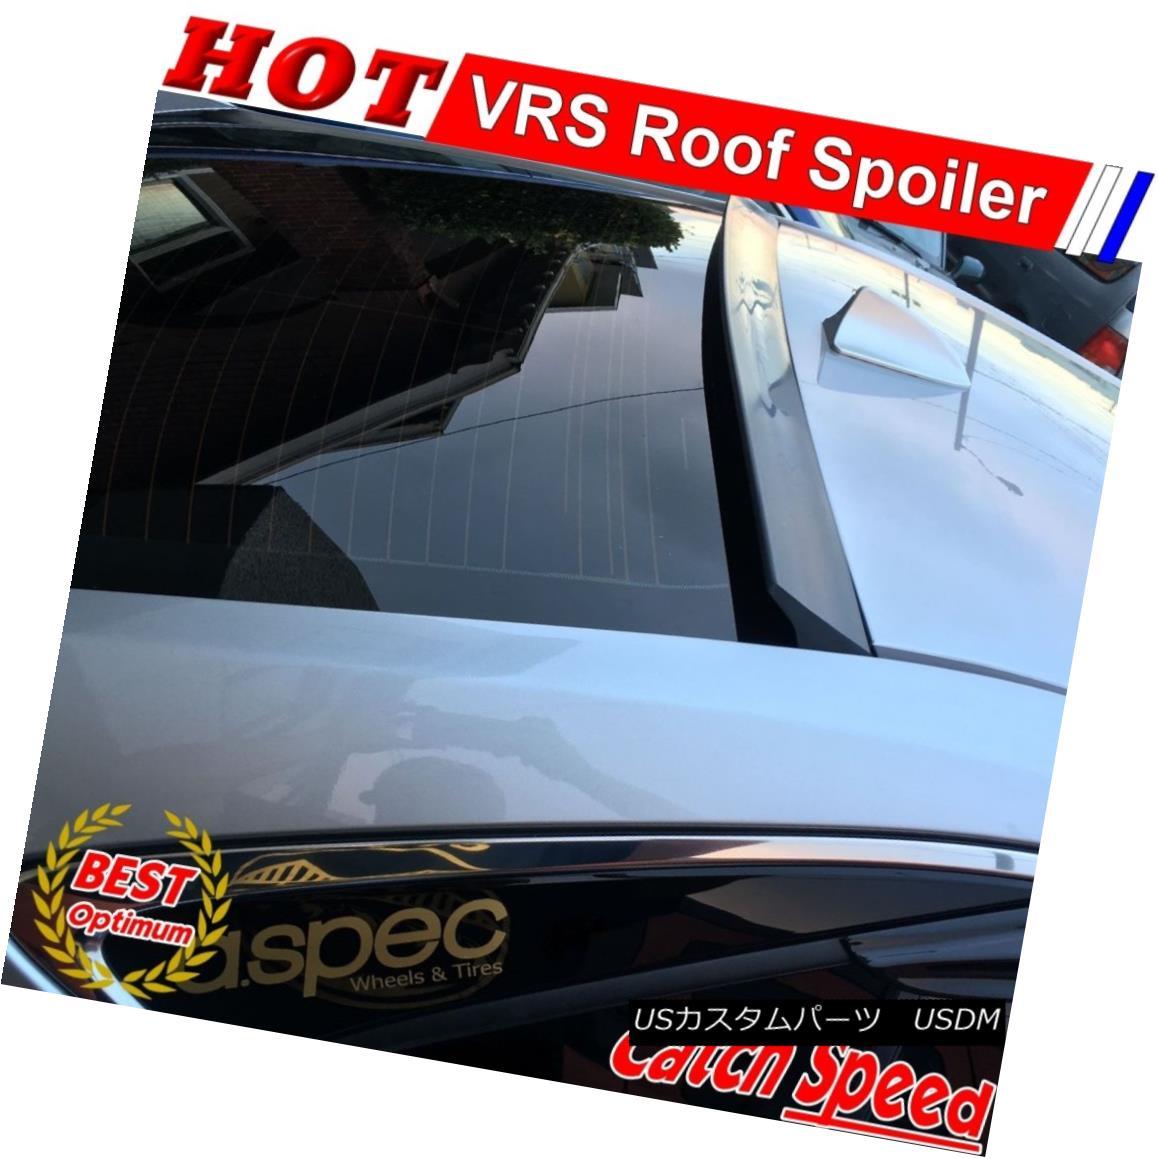 エアロパーツ Flat Black VRS Type Rear Roof Spoiler Window Wing For VOLVO S40 Sedan 1995-2004 VOLVO S40 Sedan 1995-2004用フラットブラックVSタイプリアルーフスポイラーウイング